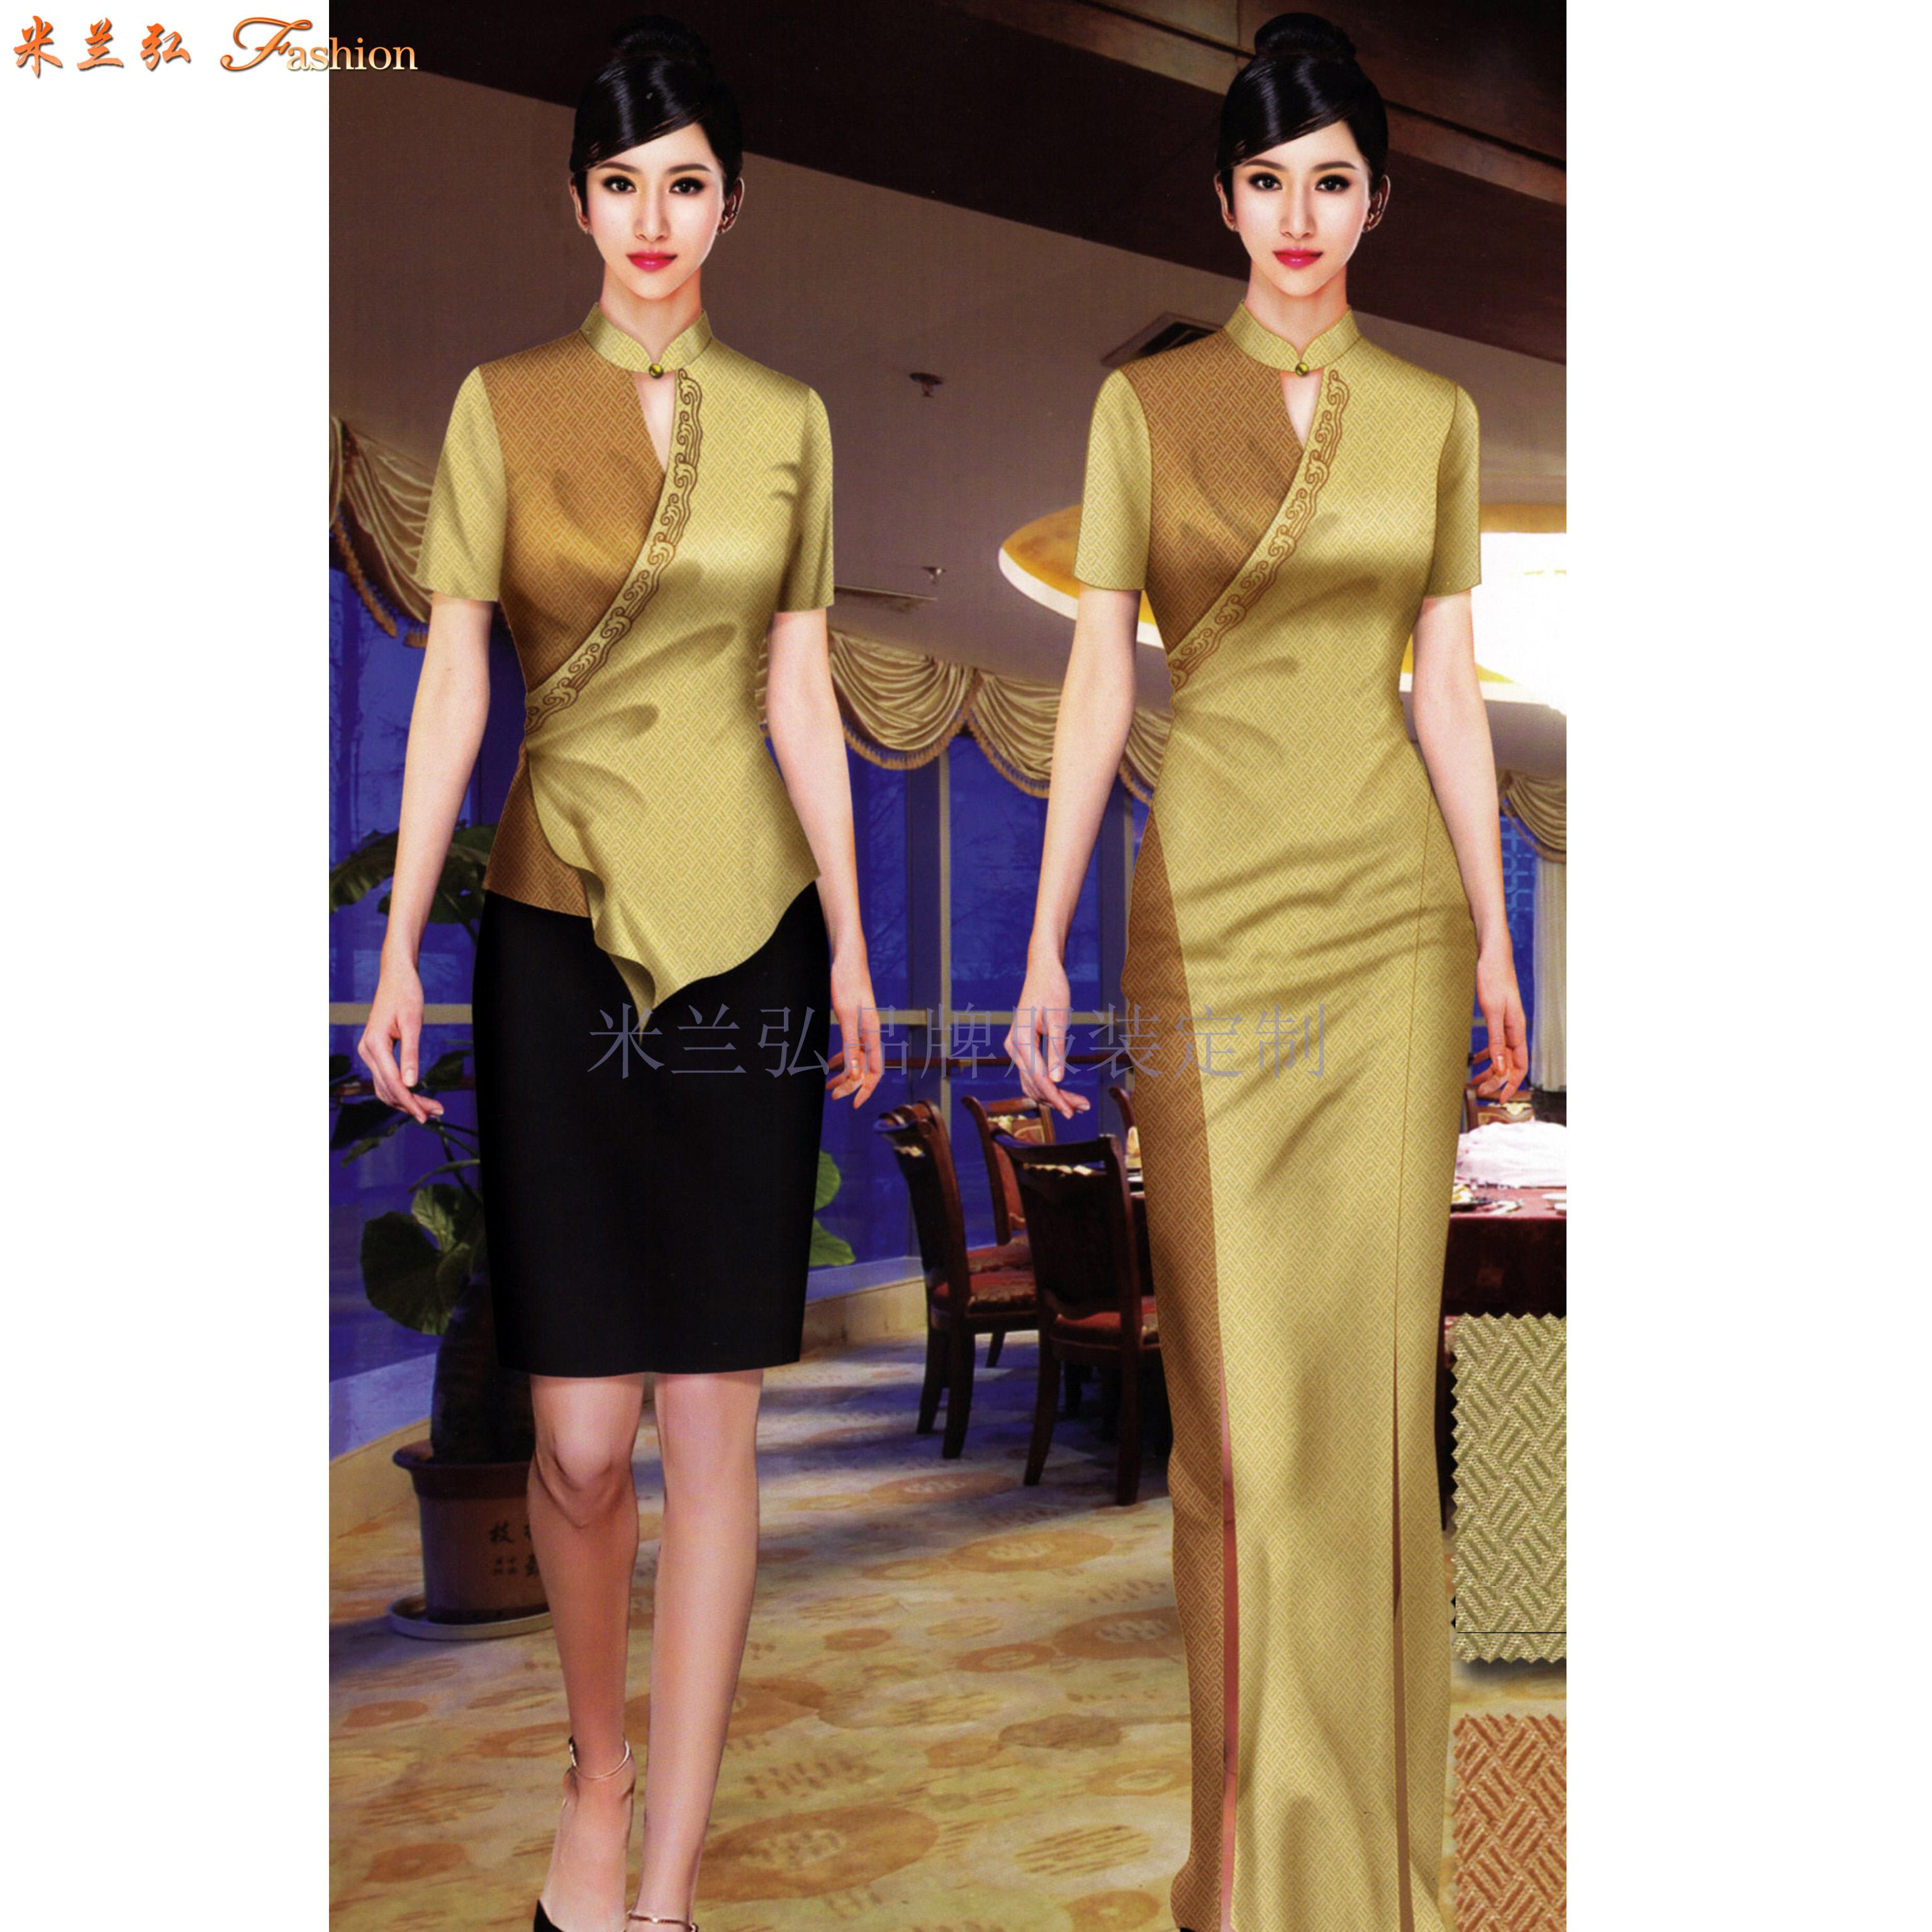 「廊坊酒店服裝定做」推薦設計制作五星酒店制服十年廠家-米蘭弘-4